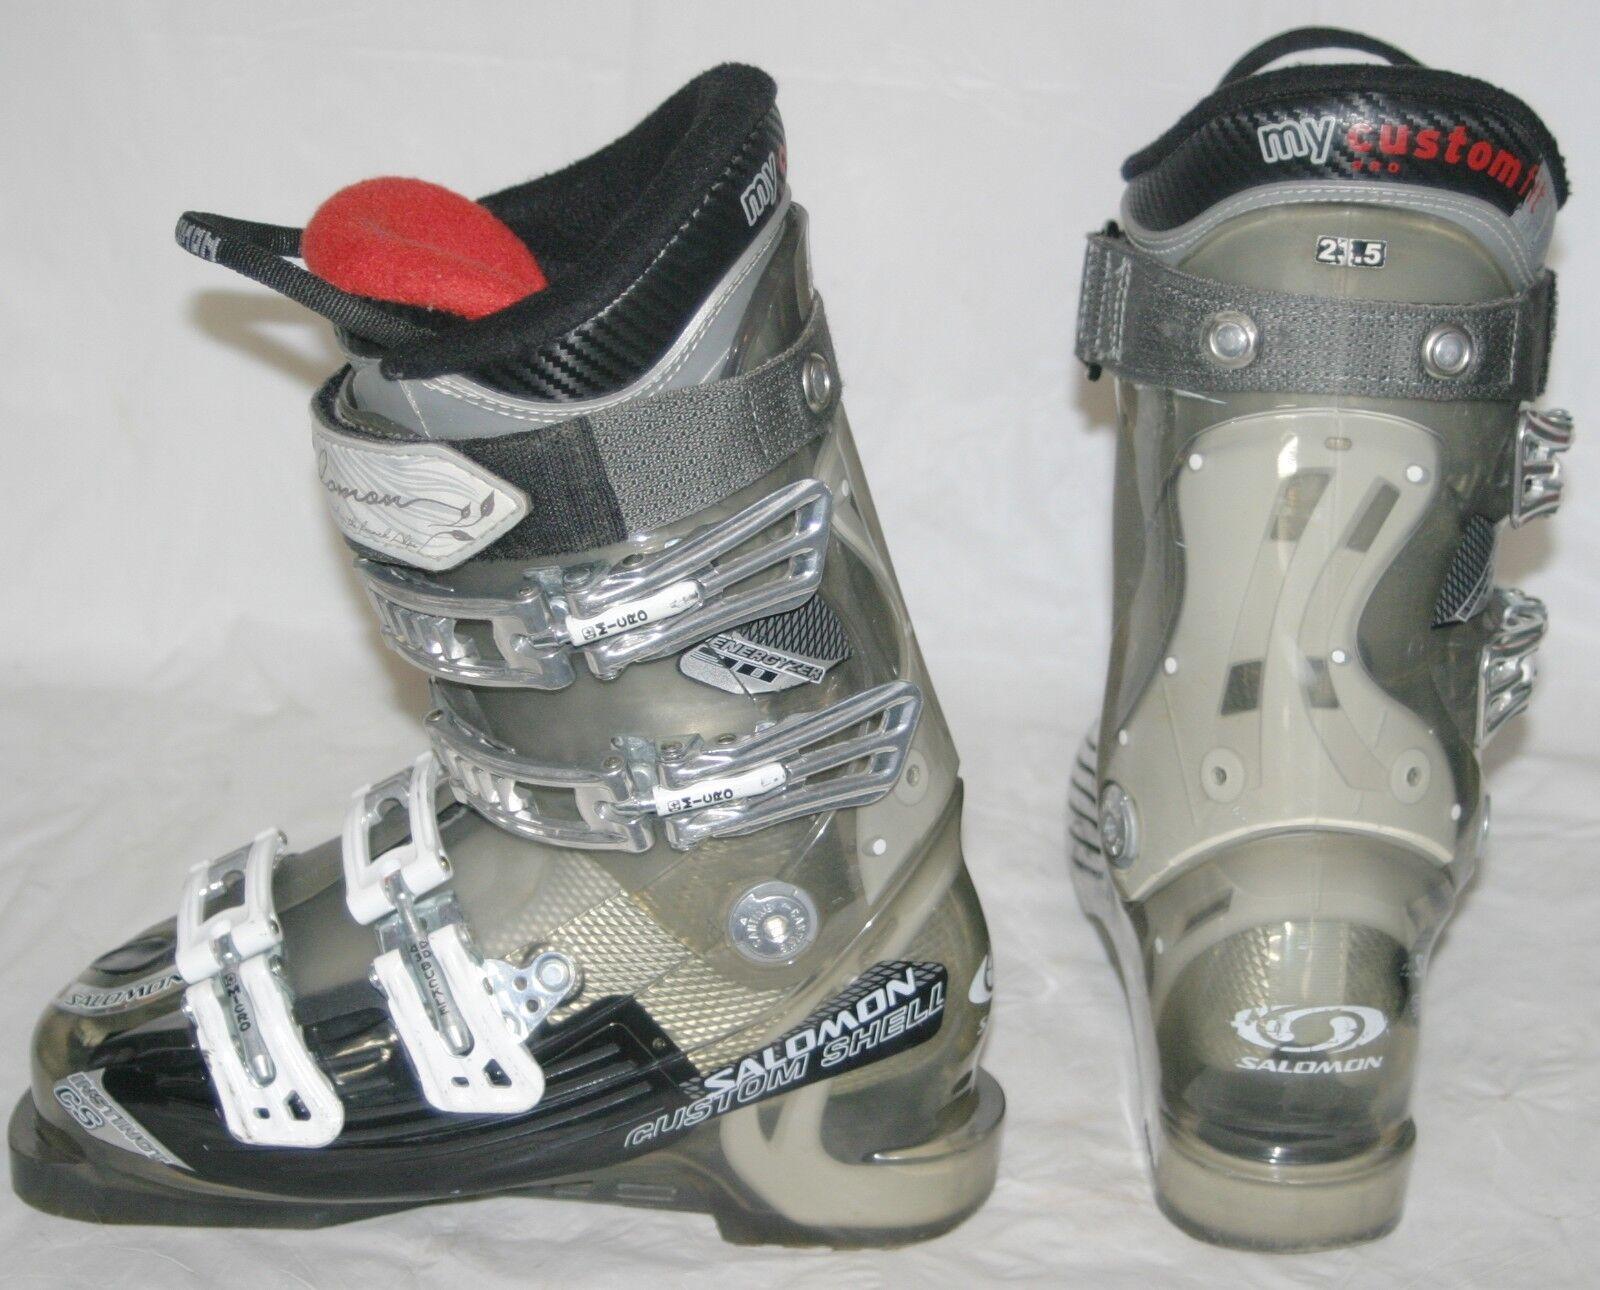 Женские горнолыжные ботинки Salomon Instinct CS Alpine Downhill Expert Pro  90 Flex Ski Boots 6 US Women 23.5 - 223270797987 - купить на eBay.com (США)  с ... 9d68a90dc7b